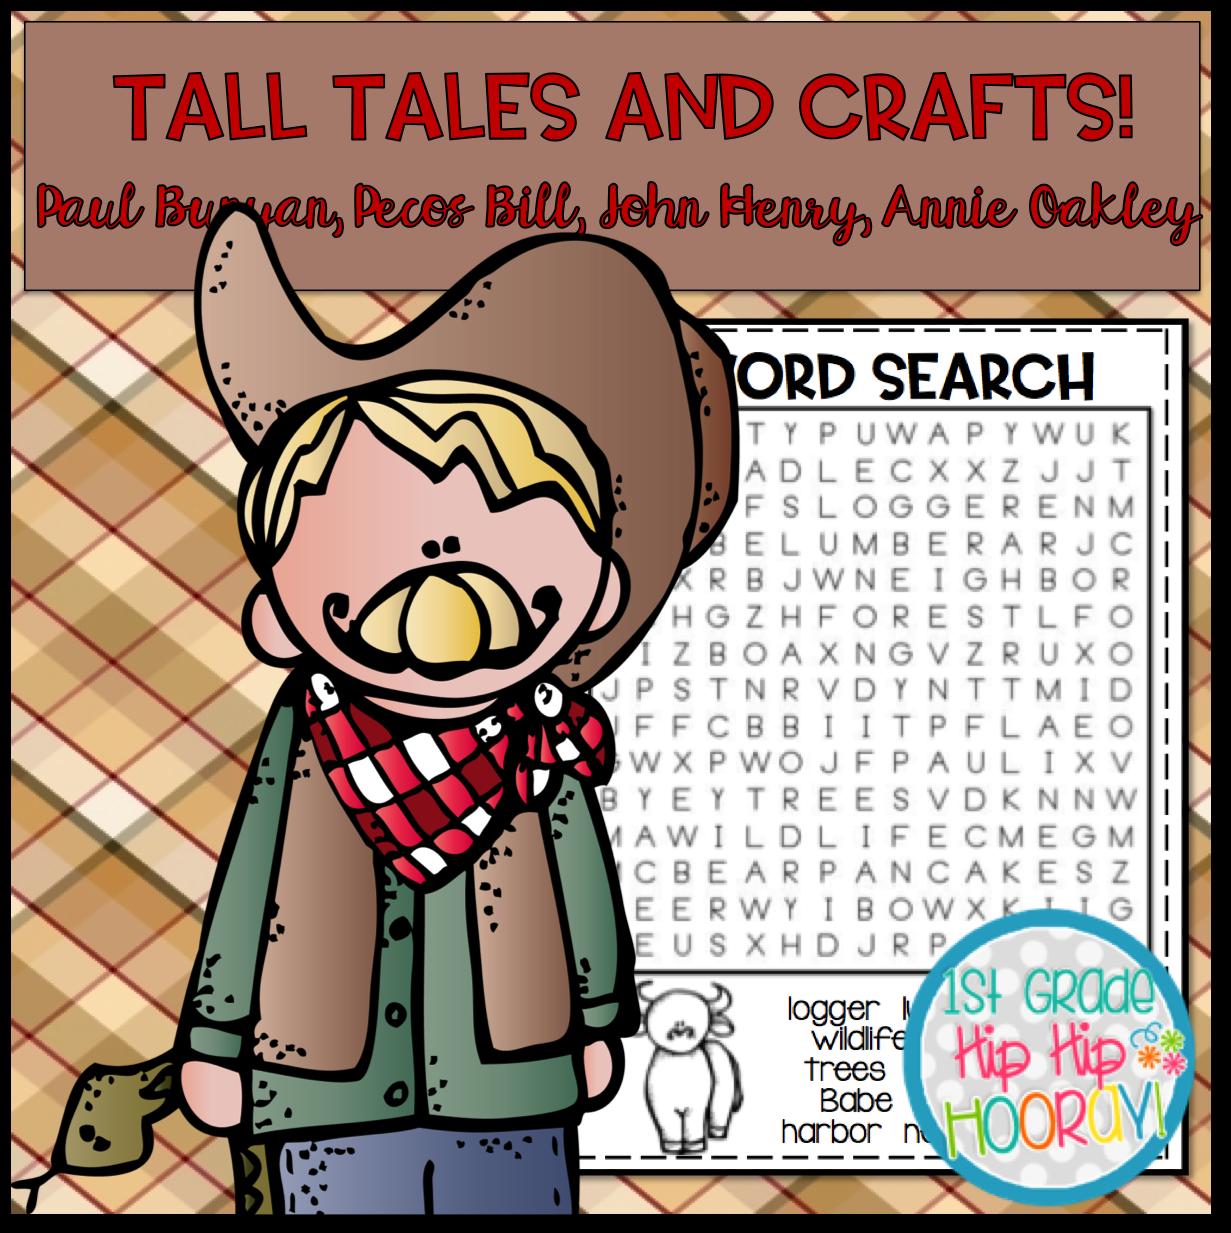 1st Grade Hip Hip Hooray Tall Tales